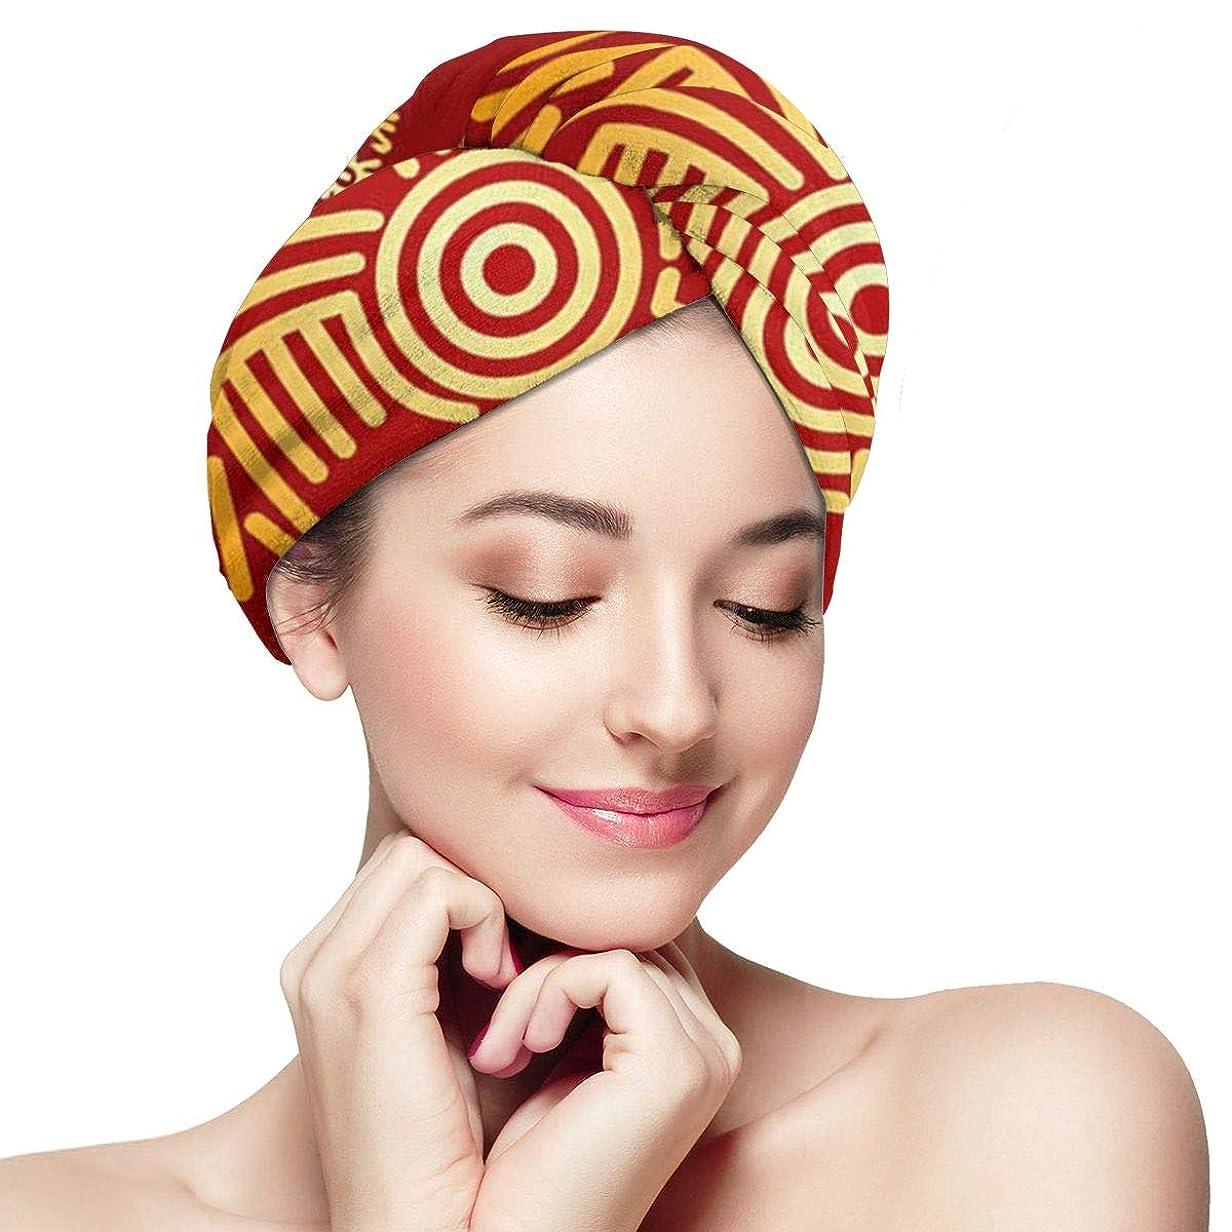 真珠のような処理する知覚できるインドのマヤのアステカ文化マイクロファイバー髪乾燥タオルボタン超吸収性ツイスト髪ターバンクイック乾燥キャップヘアラップ